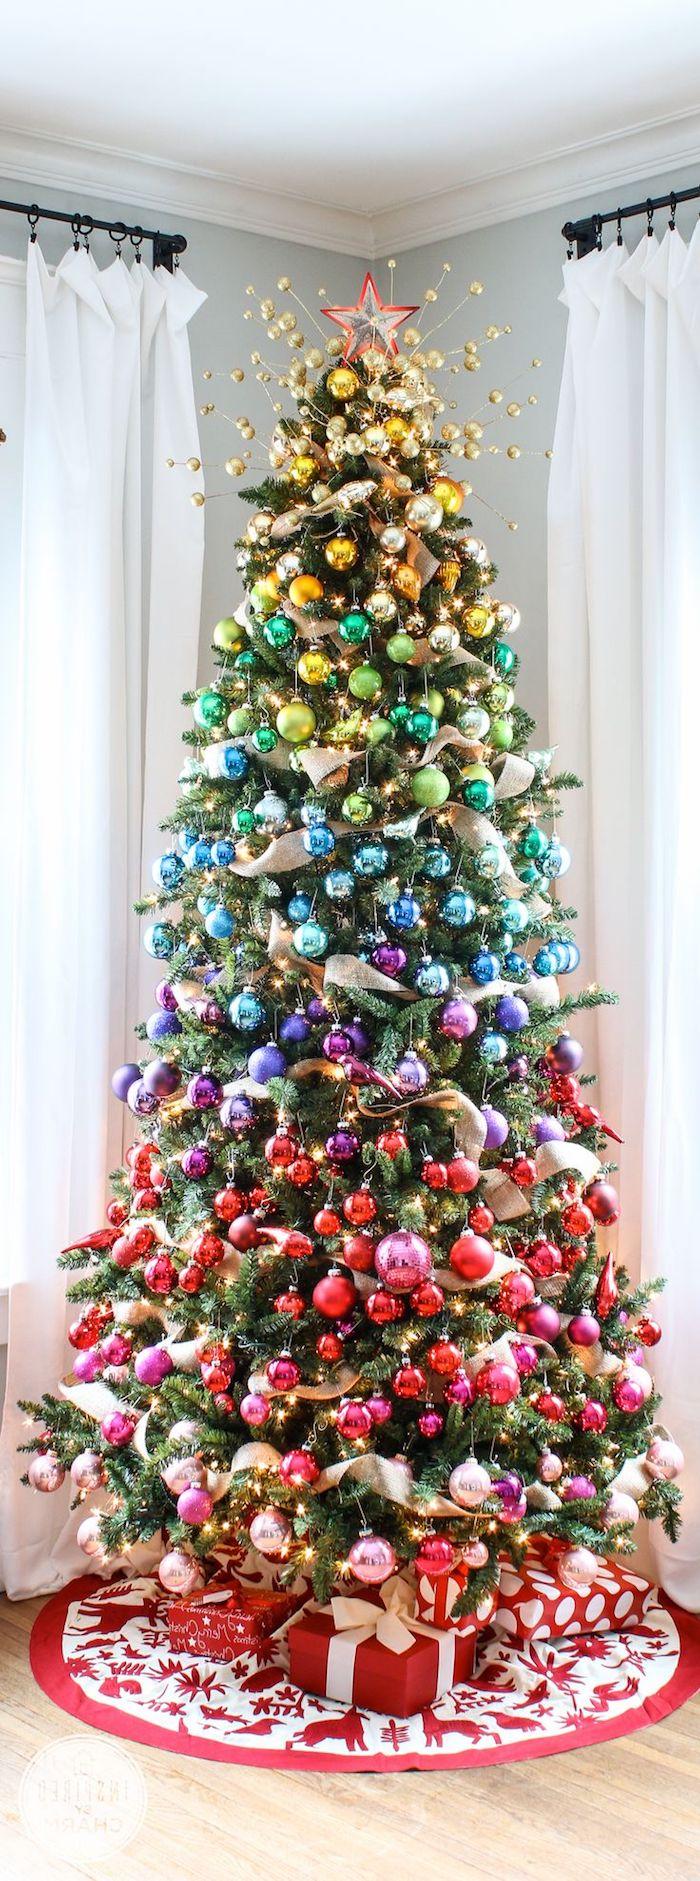 Tannenbaum mit bunten Christbaumkugeln in Schichten schmücken, Dekoband zwischen den Weihnachtskugeln, Geschenke unter dem Baum